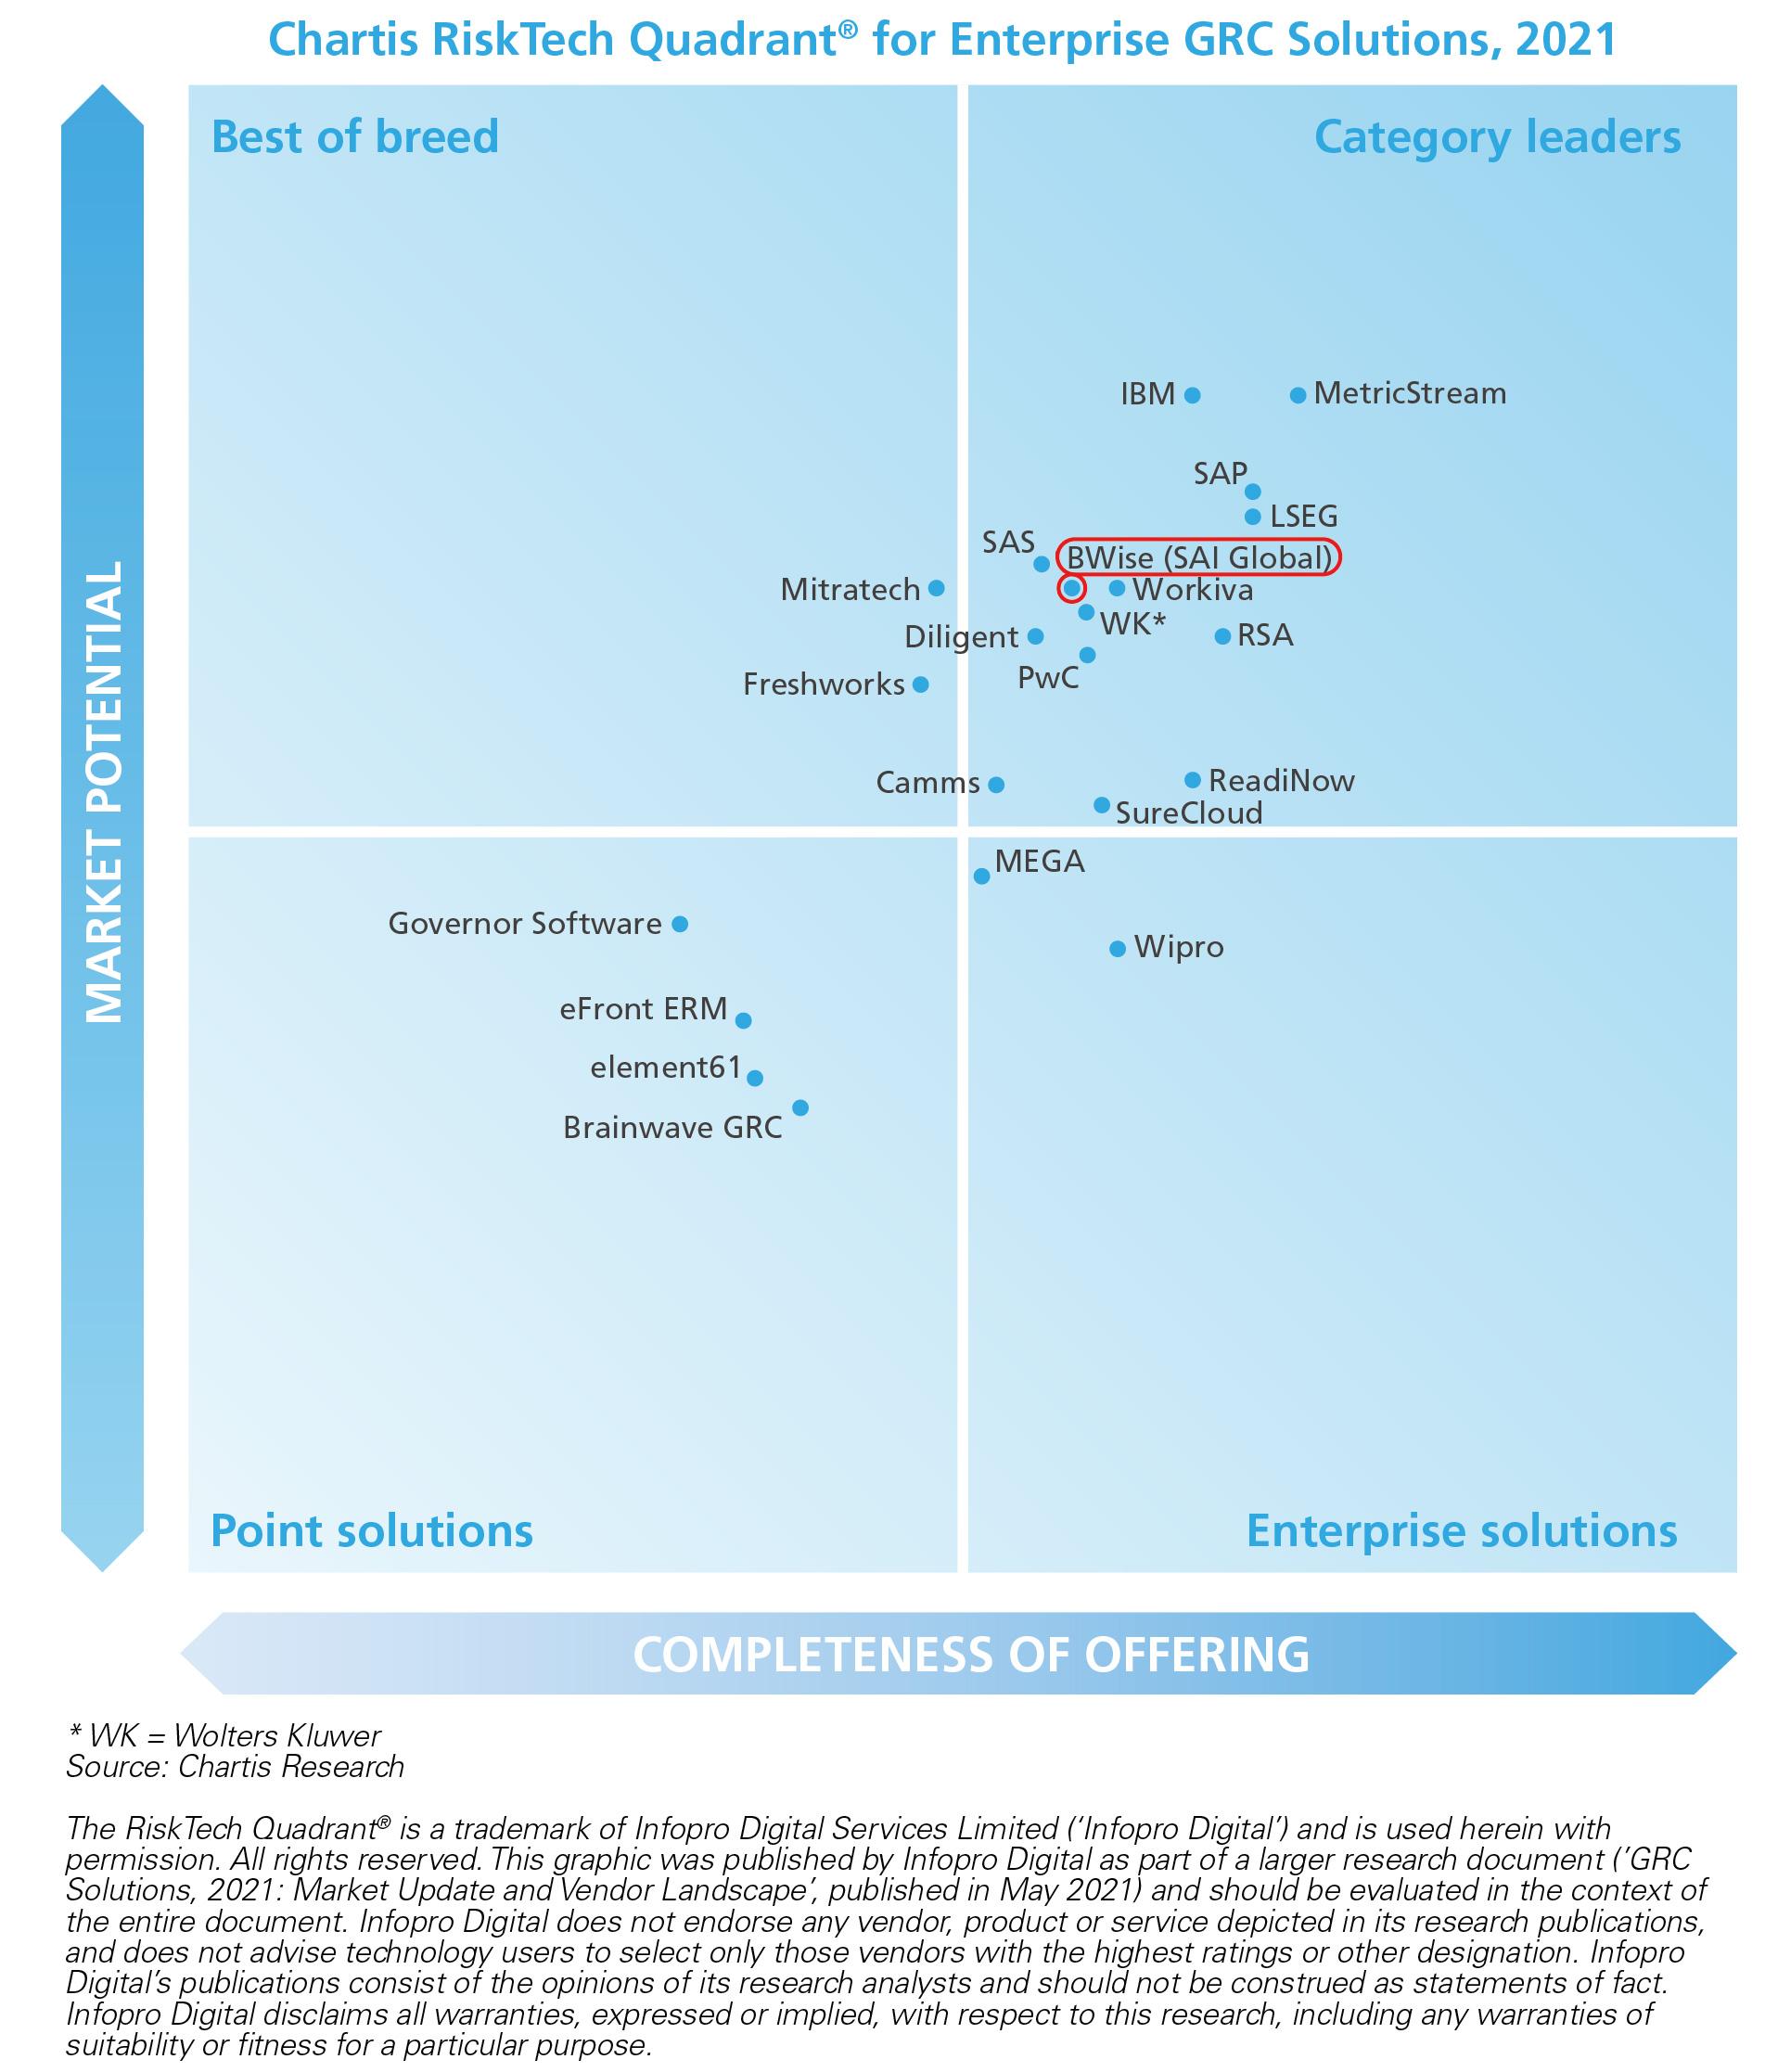 Chartis RiskTech Quadrant for Enterprise GRC Solutions, 2021